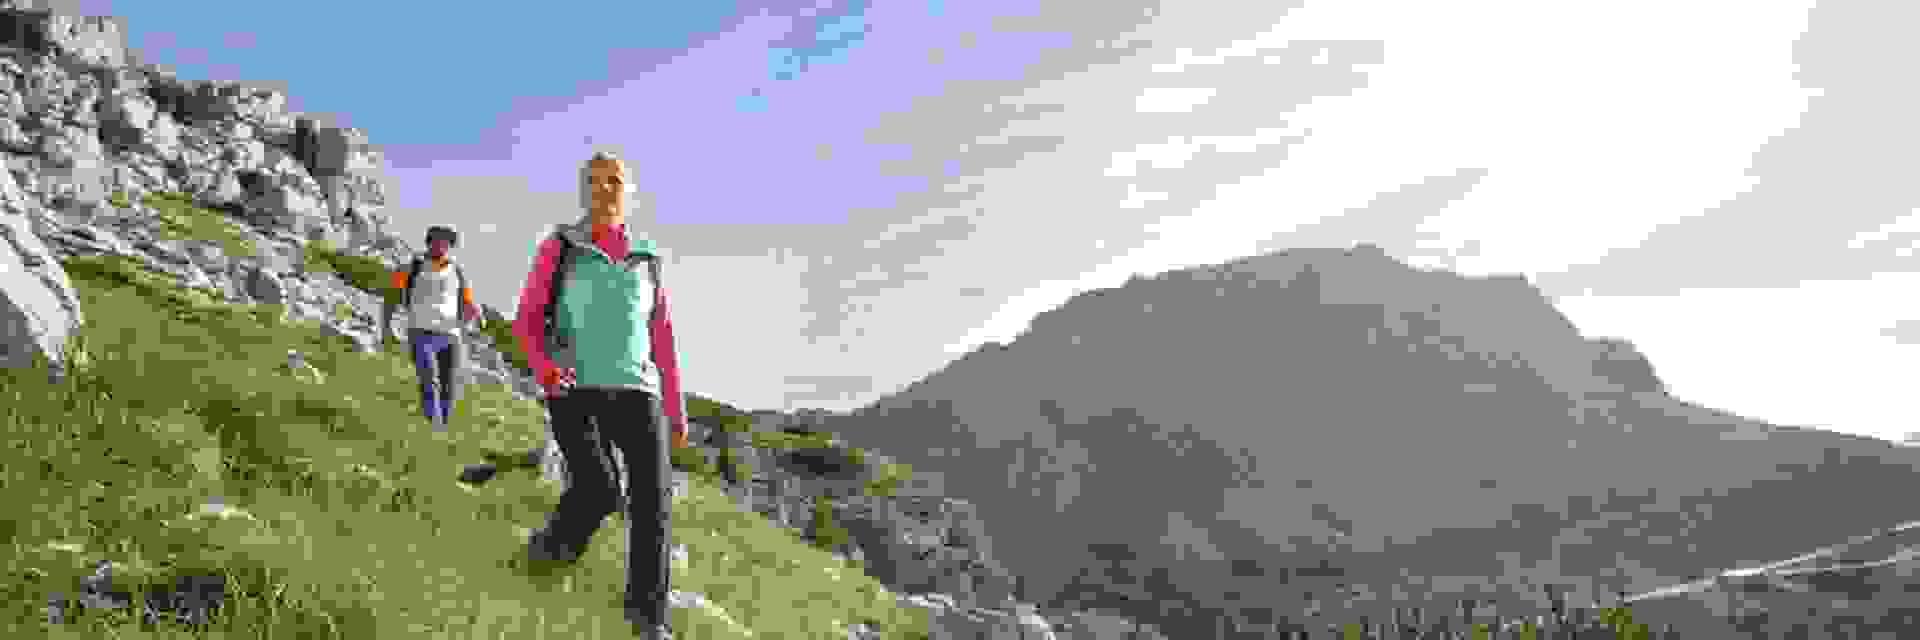 Eine Frau läuft in Wanderhosen einen Berg hinab. Im Hintergrund ist ein Mann zu sehen, der ihr folgt.